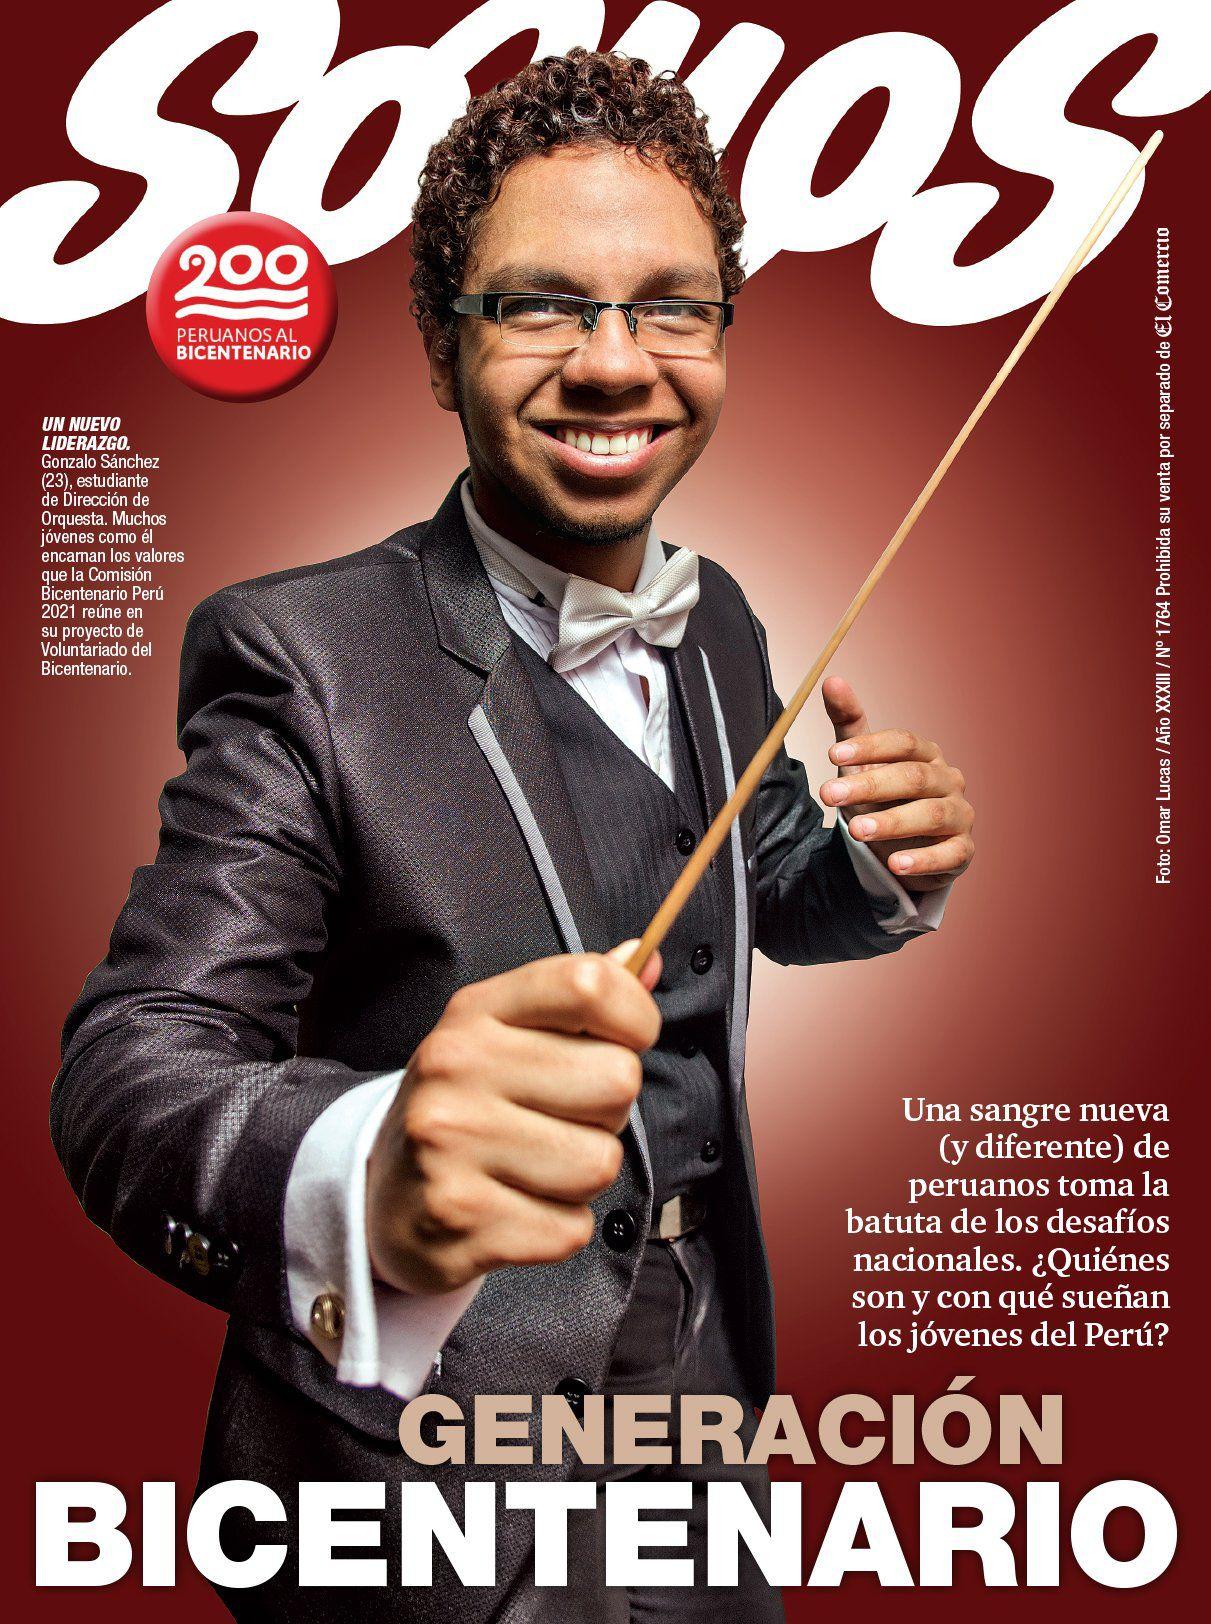 La portada de Somos del 26 de setiembre.